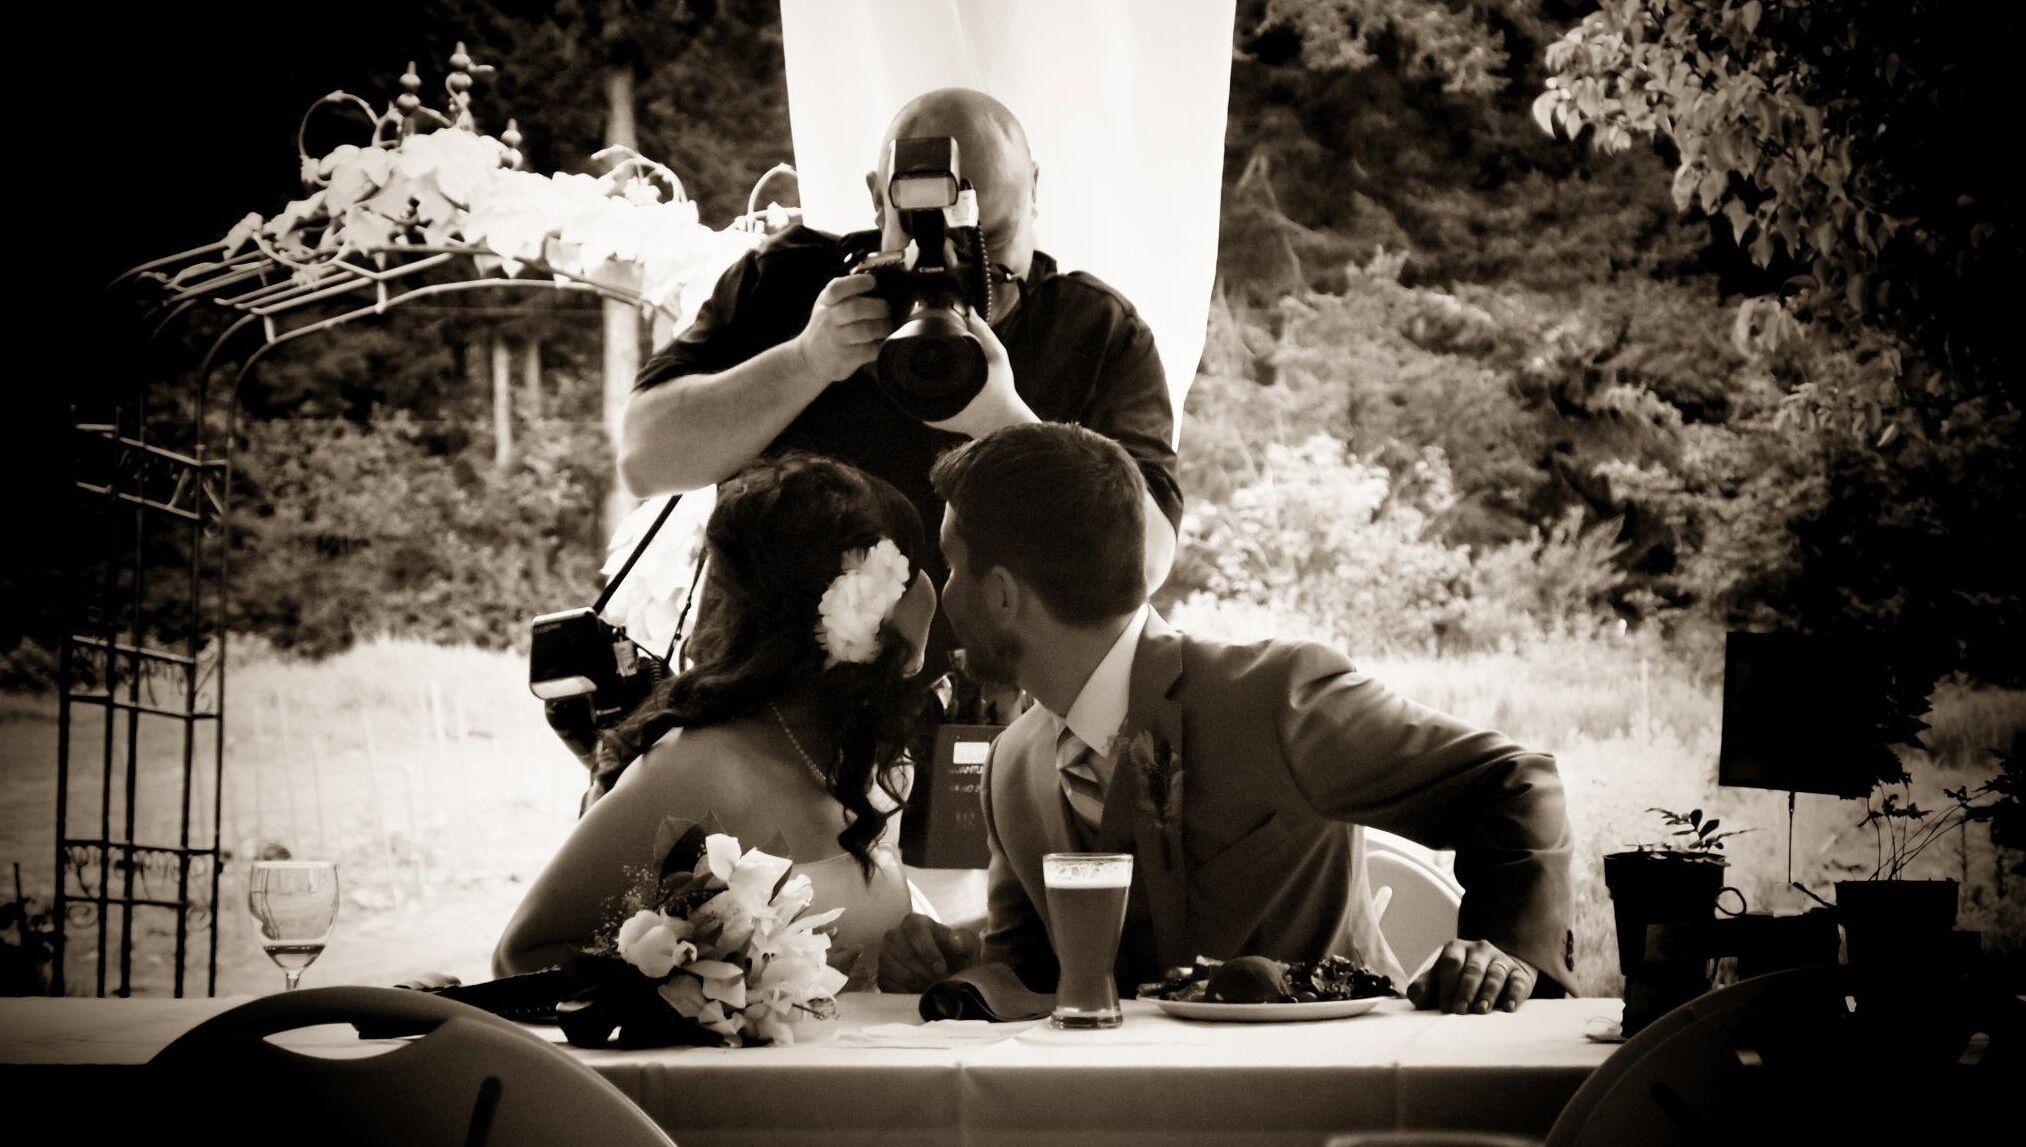 Wedding Photography Tacoma Wa: Grant Horiuchi Photography